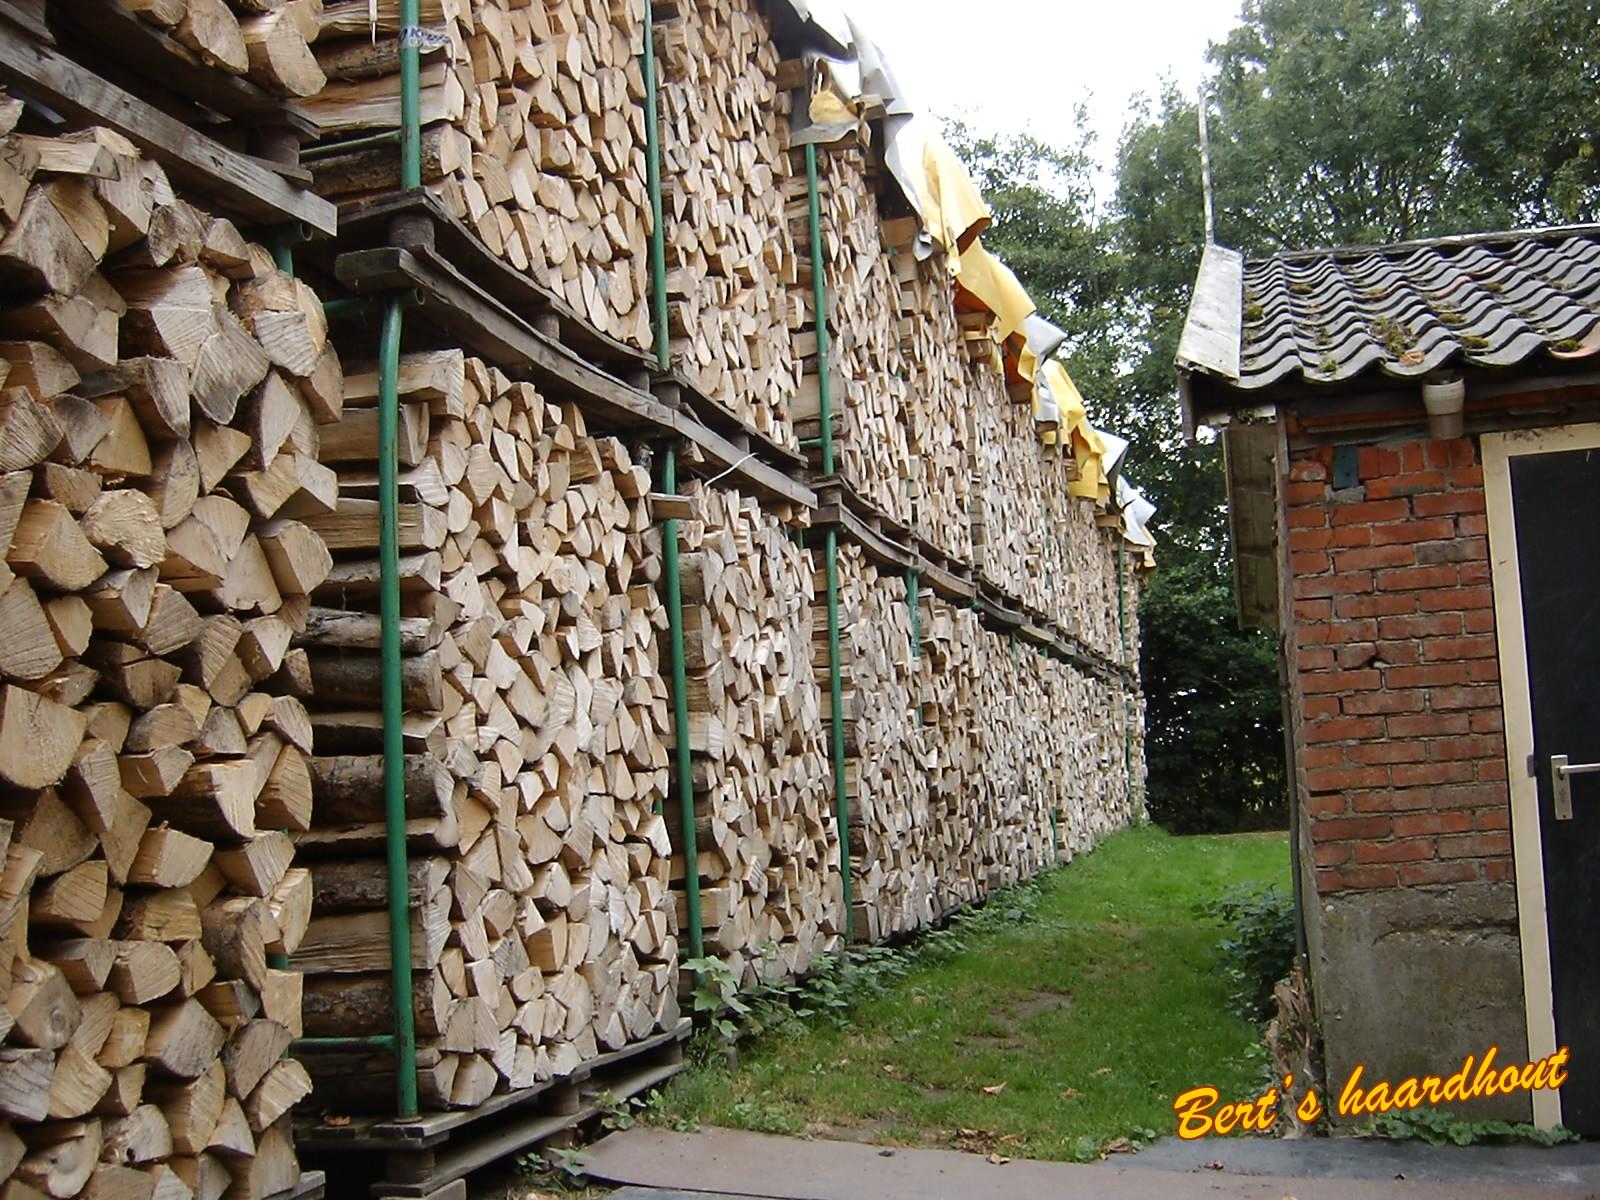 Openhaardhout: Openhaard hout weetjes alles over. Leelant